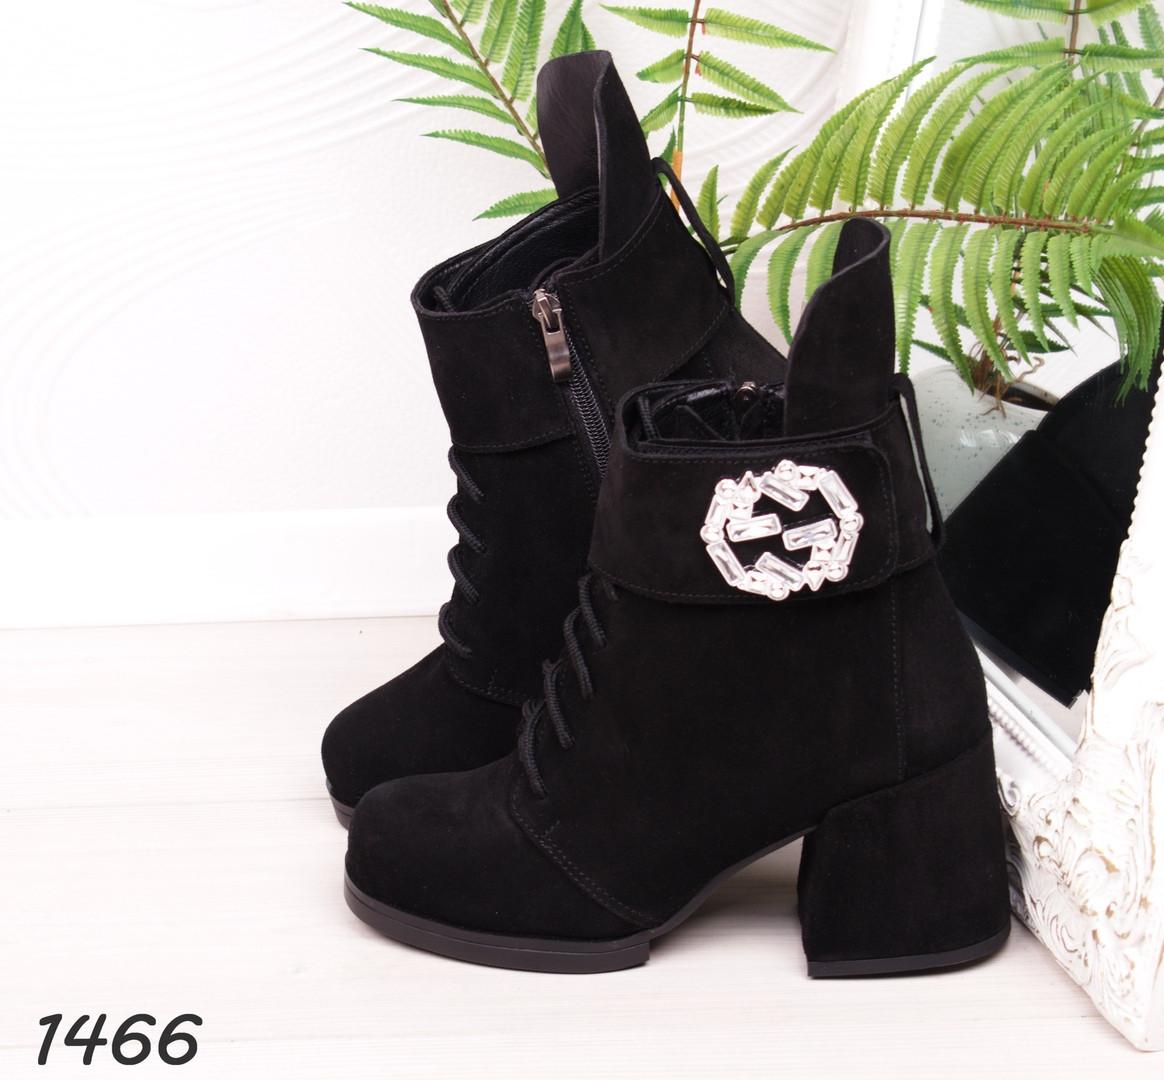 Ботинки ЗИМНИЕ замшевыек 1466 (ВБ)